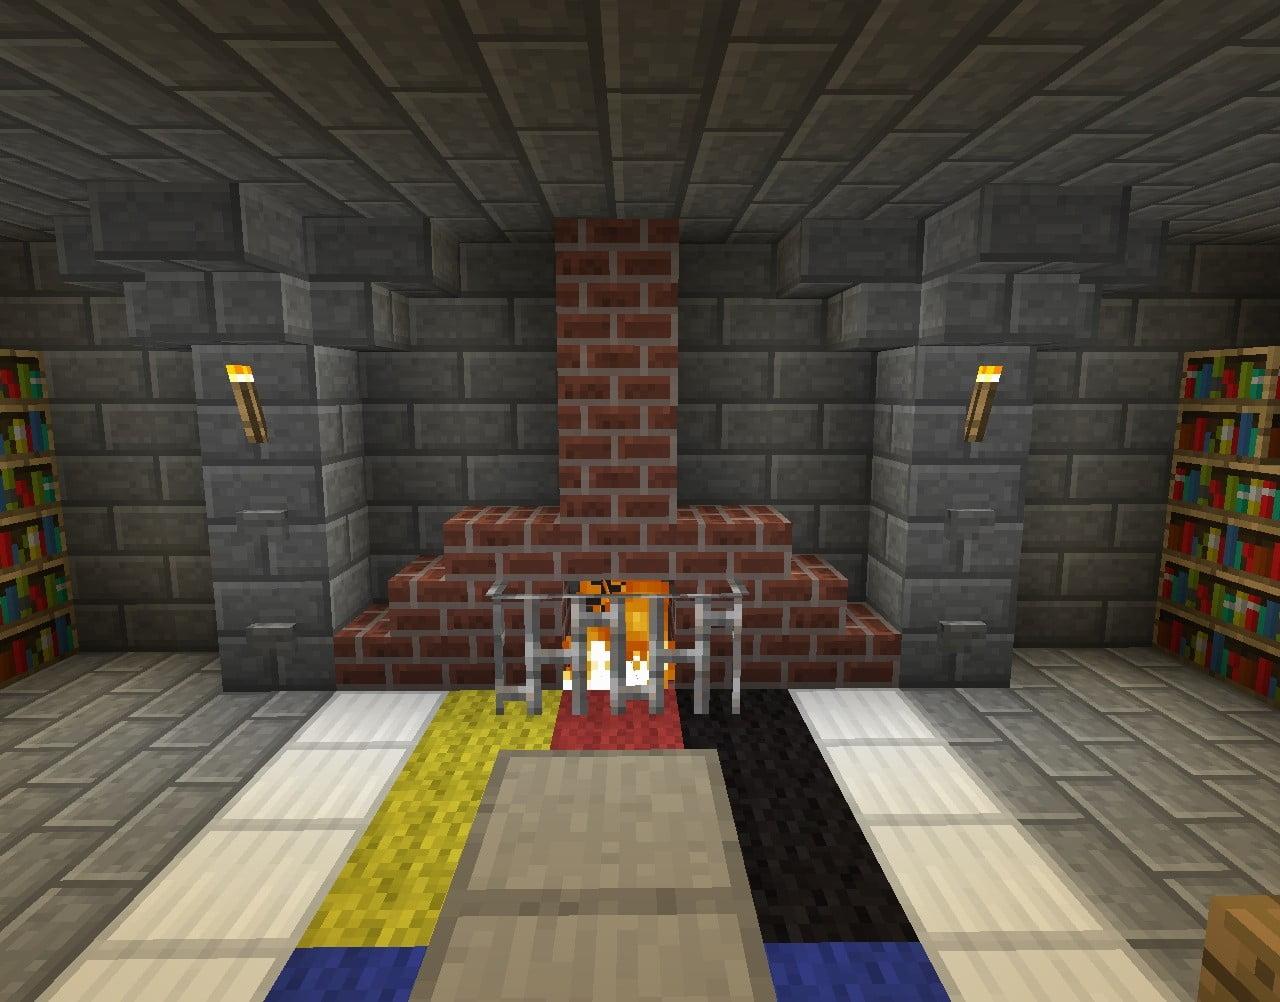 Kamin in minecraft bauen minecraft - Minecraft wohnzimmer ...